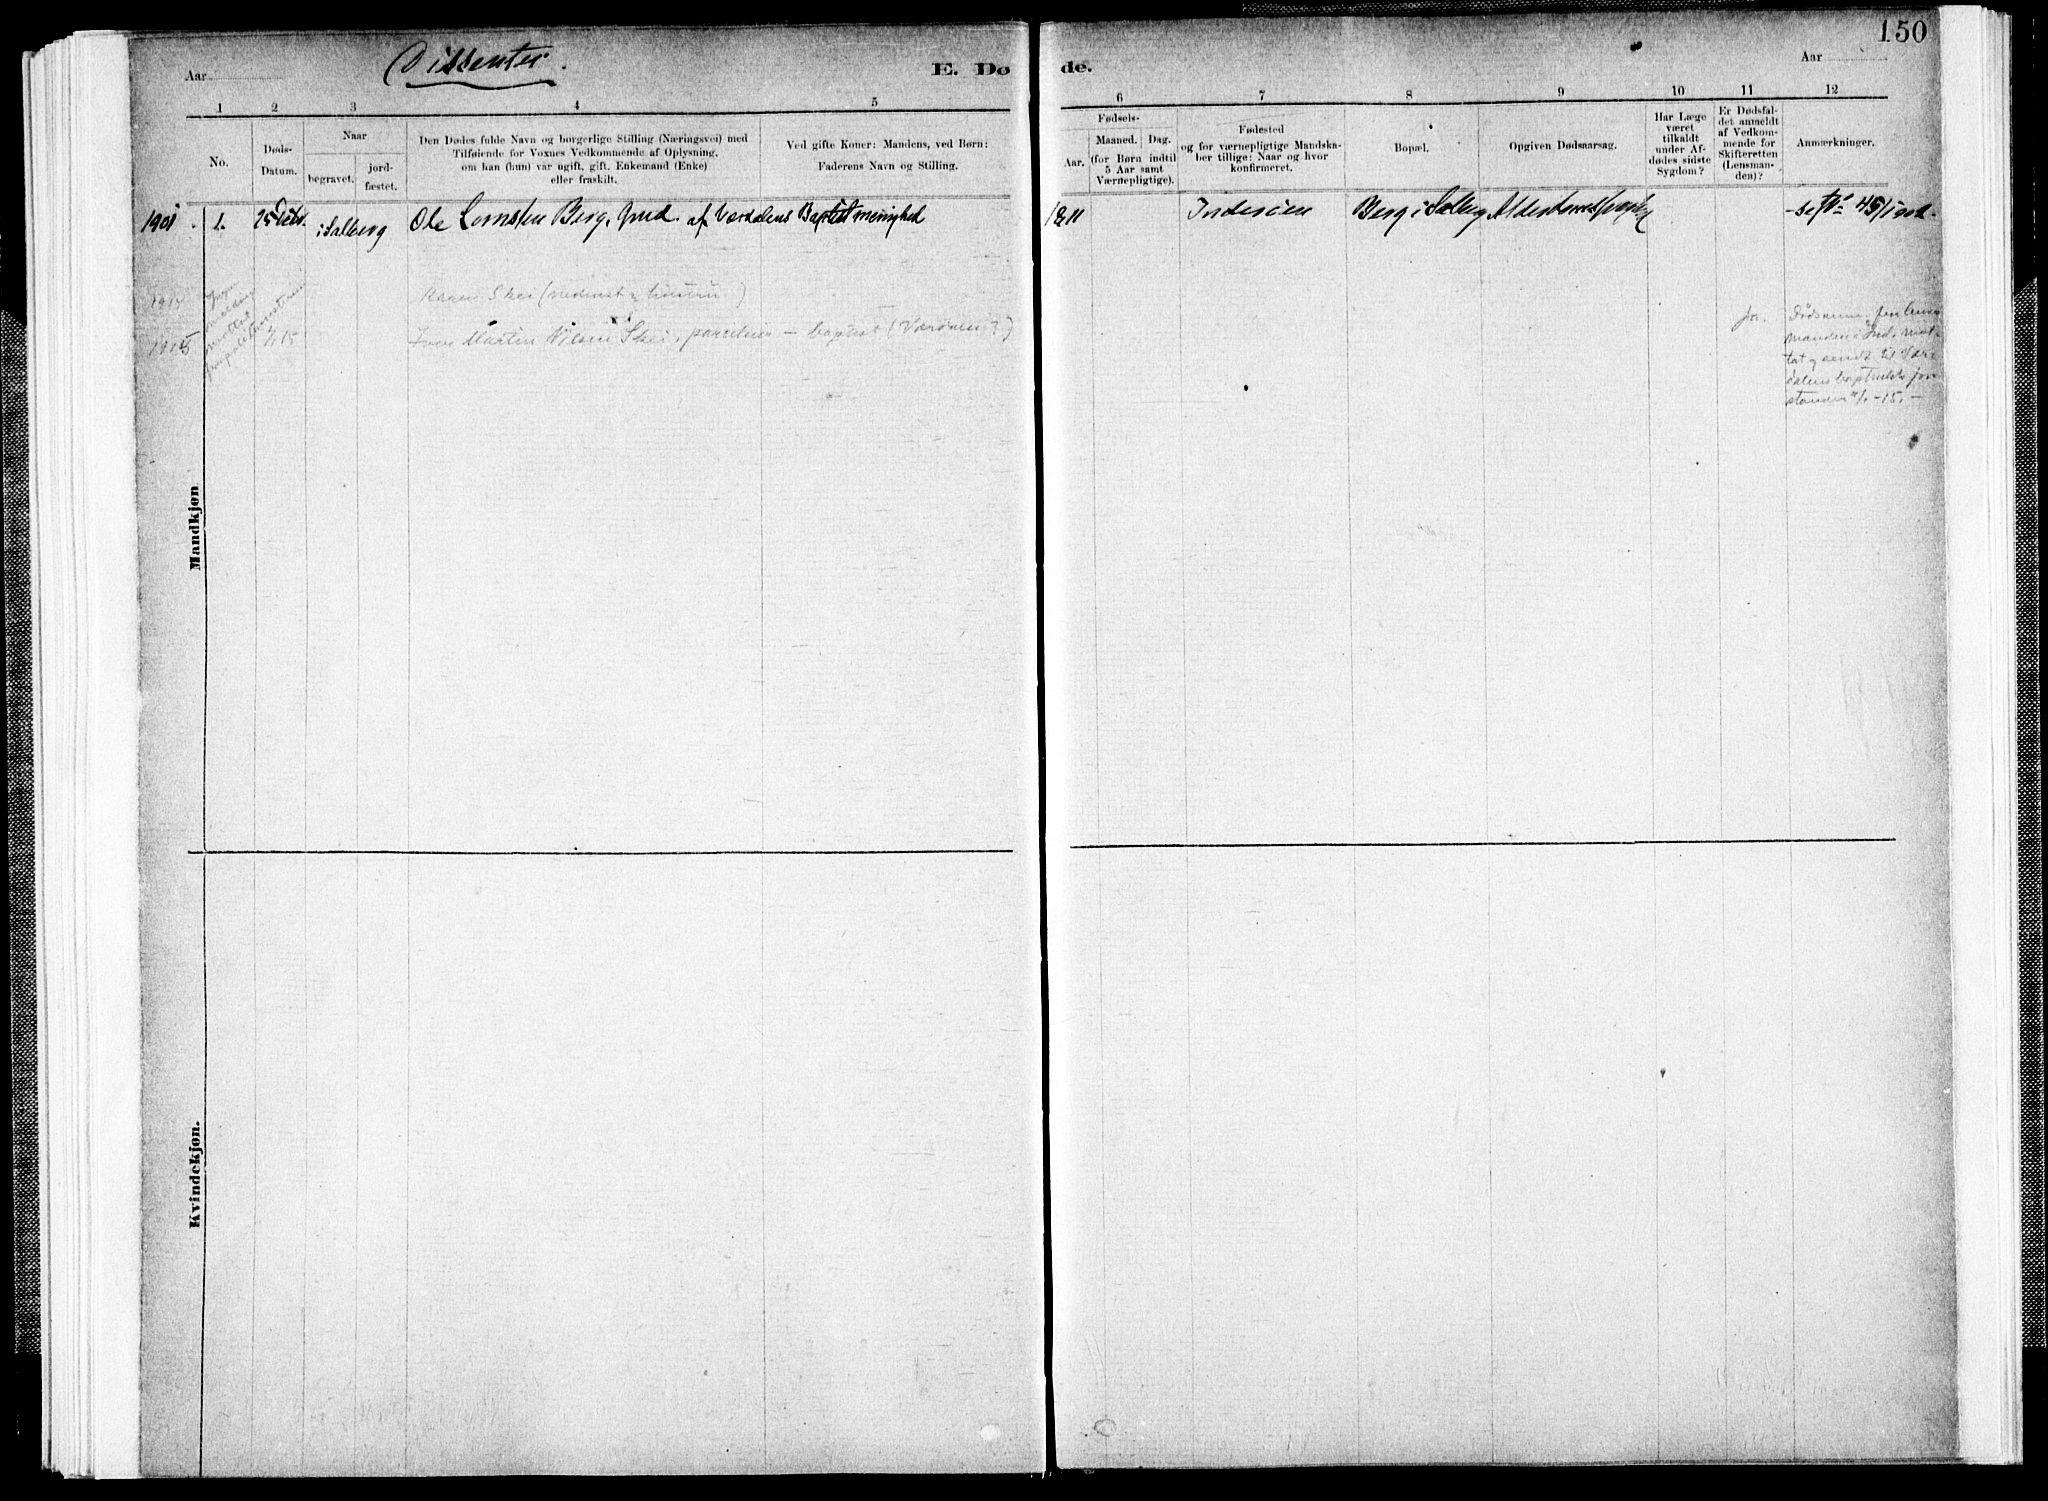 SAT, Ministerialprotokoller, klokkerbøker og fødselsregistre - Nord-Trøndelag, 731/L0309: Parish register (official) no. 731A01, 1879-1918, p. 150